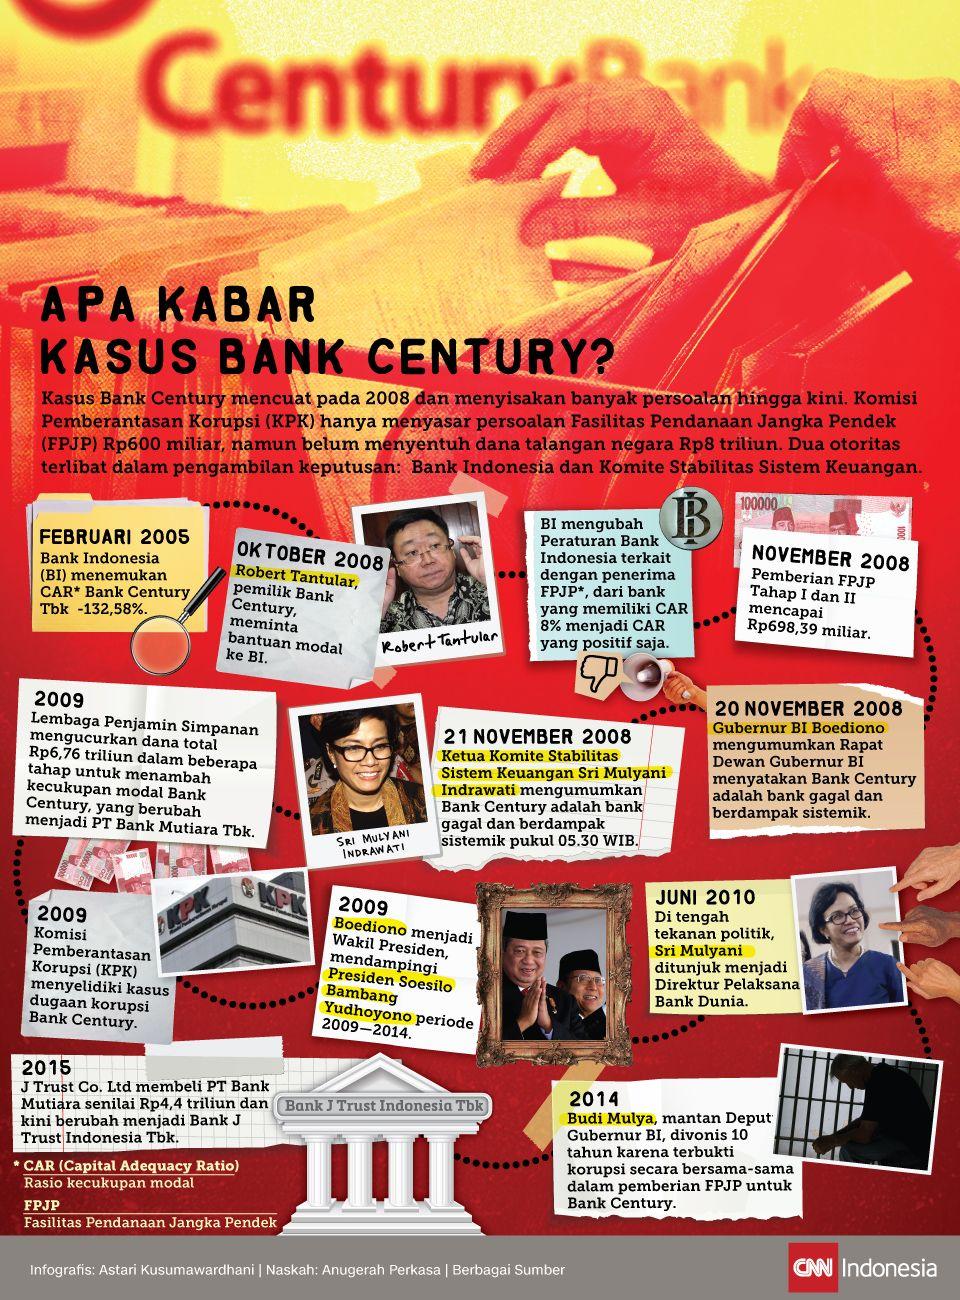 Infografis Apa Kabar Kasus Bank Century